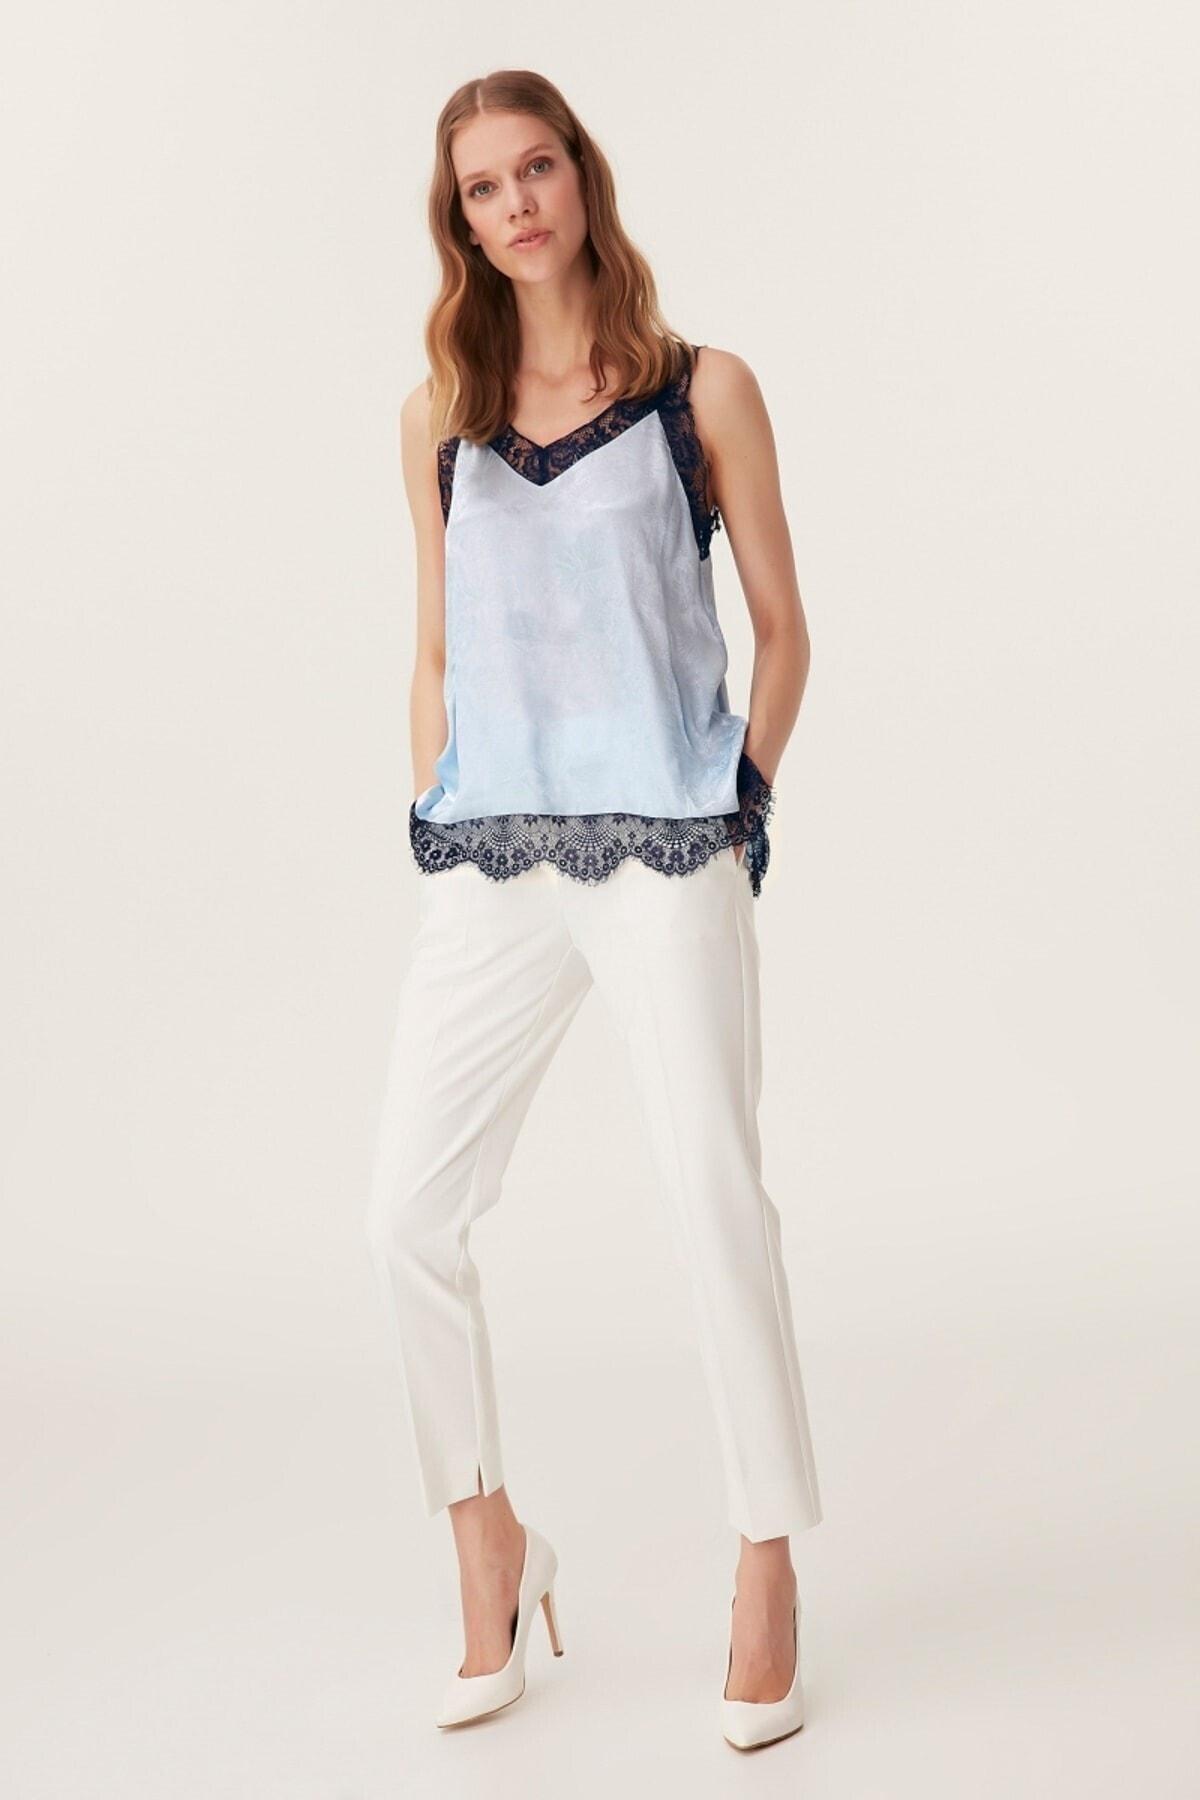 İpekyol Kadın Dantel Şeritli Bluz - Mavi 1